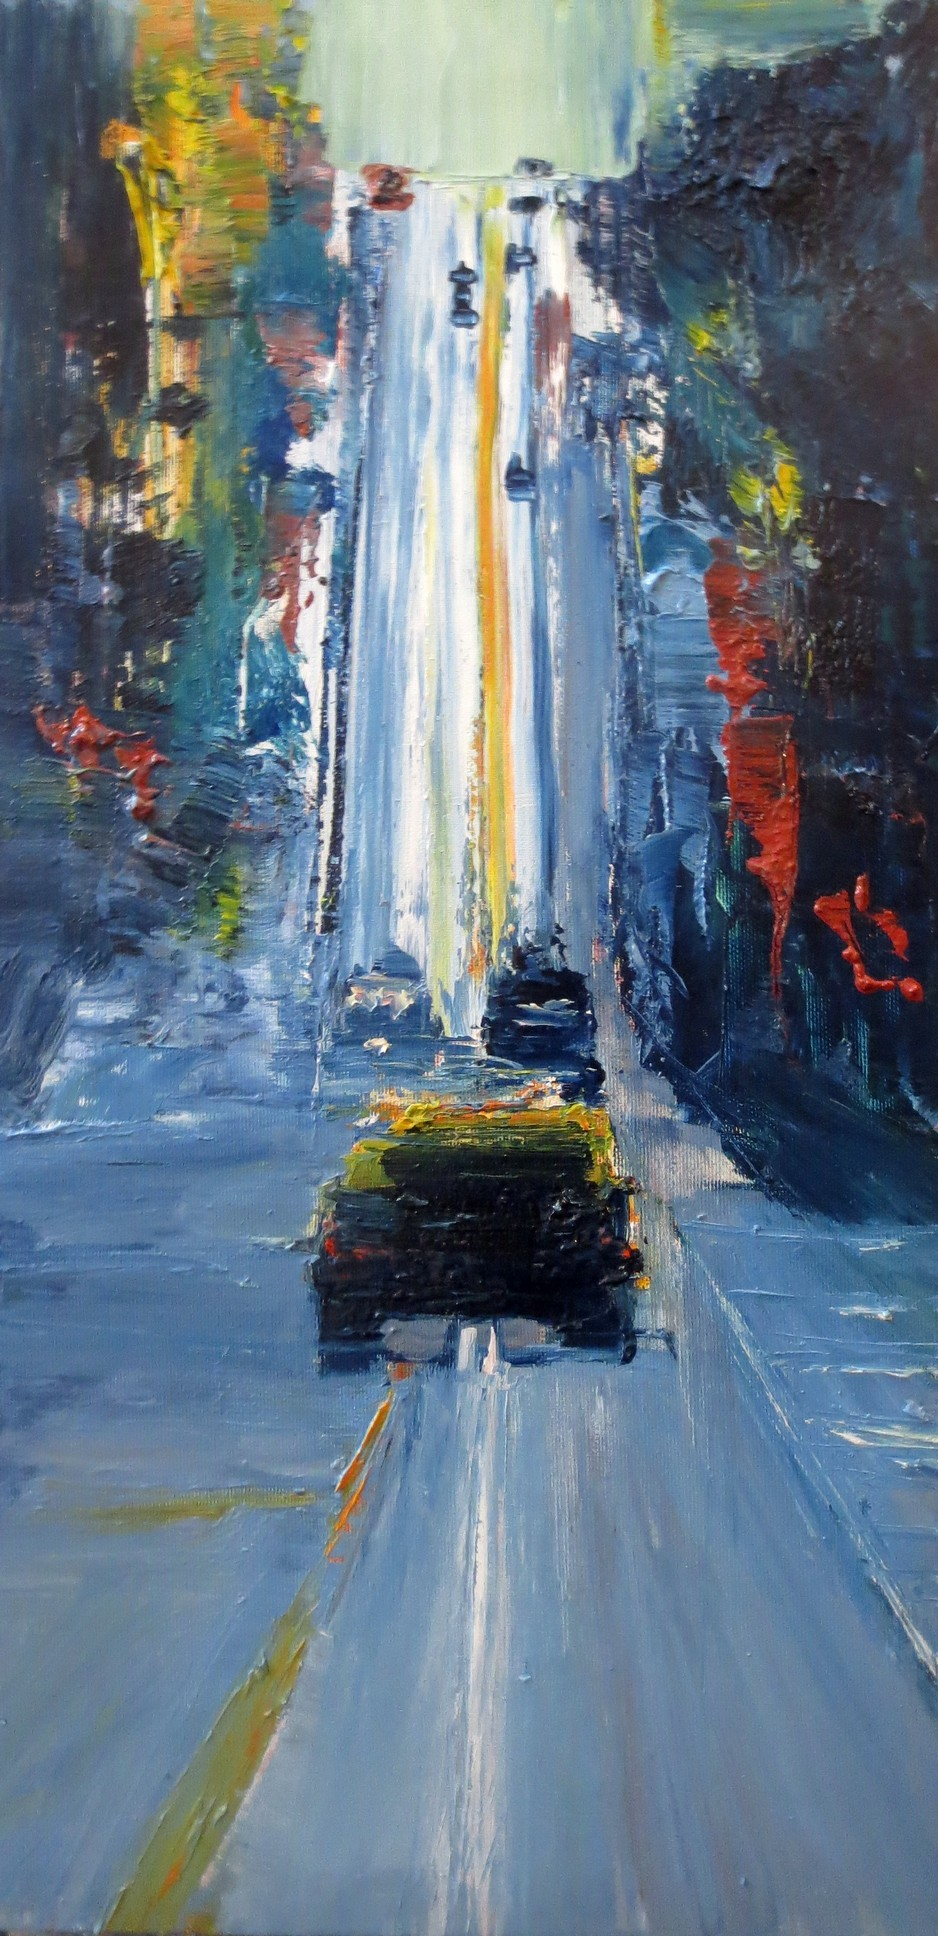 taxi, sfo,san francisco, cityscape